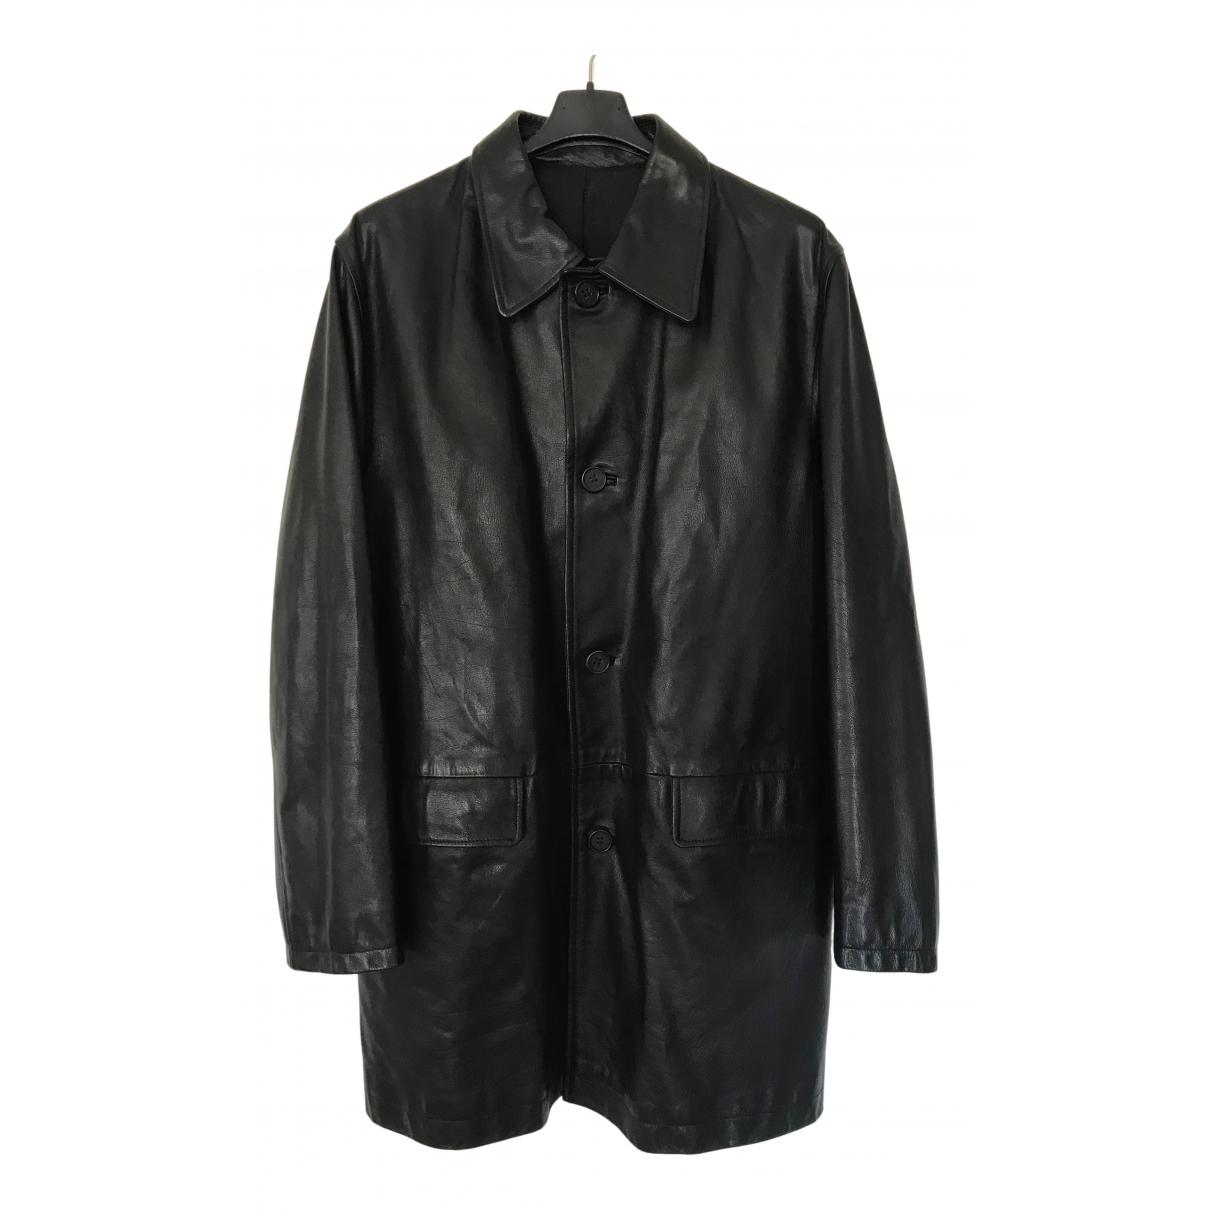 Yves Saint Laurent - Manteau   pour homme en cuir - noir